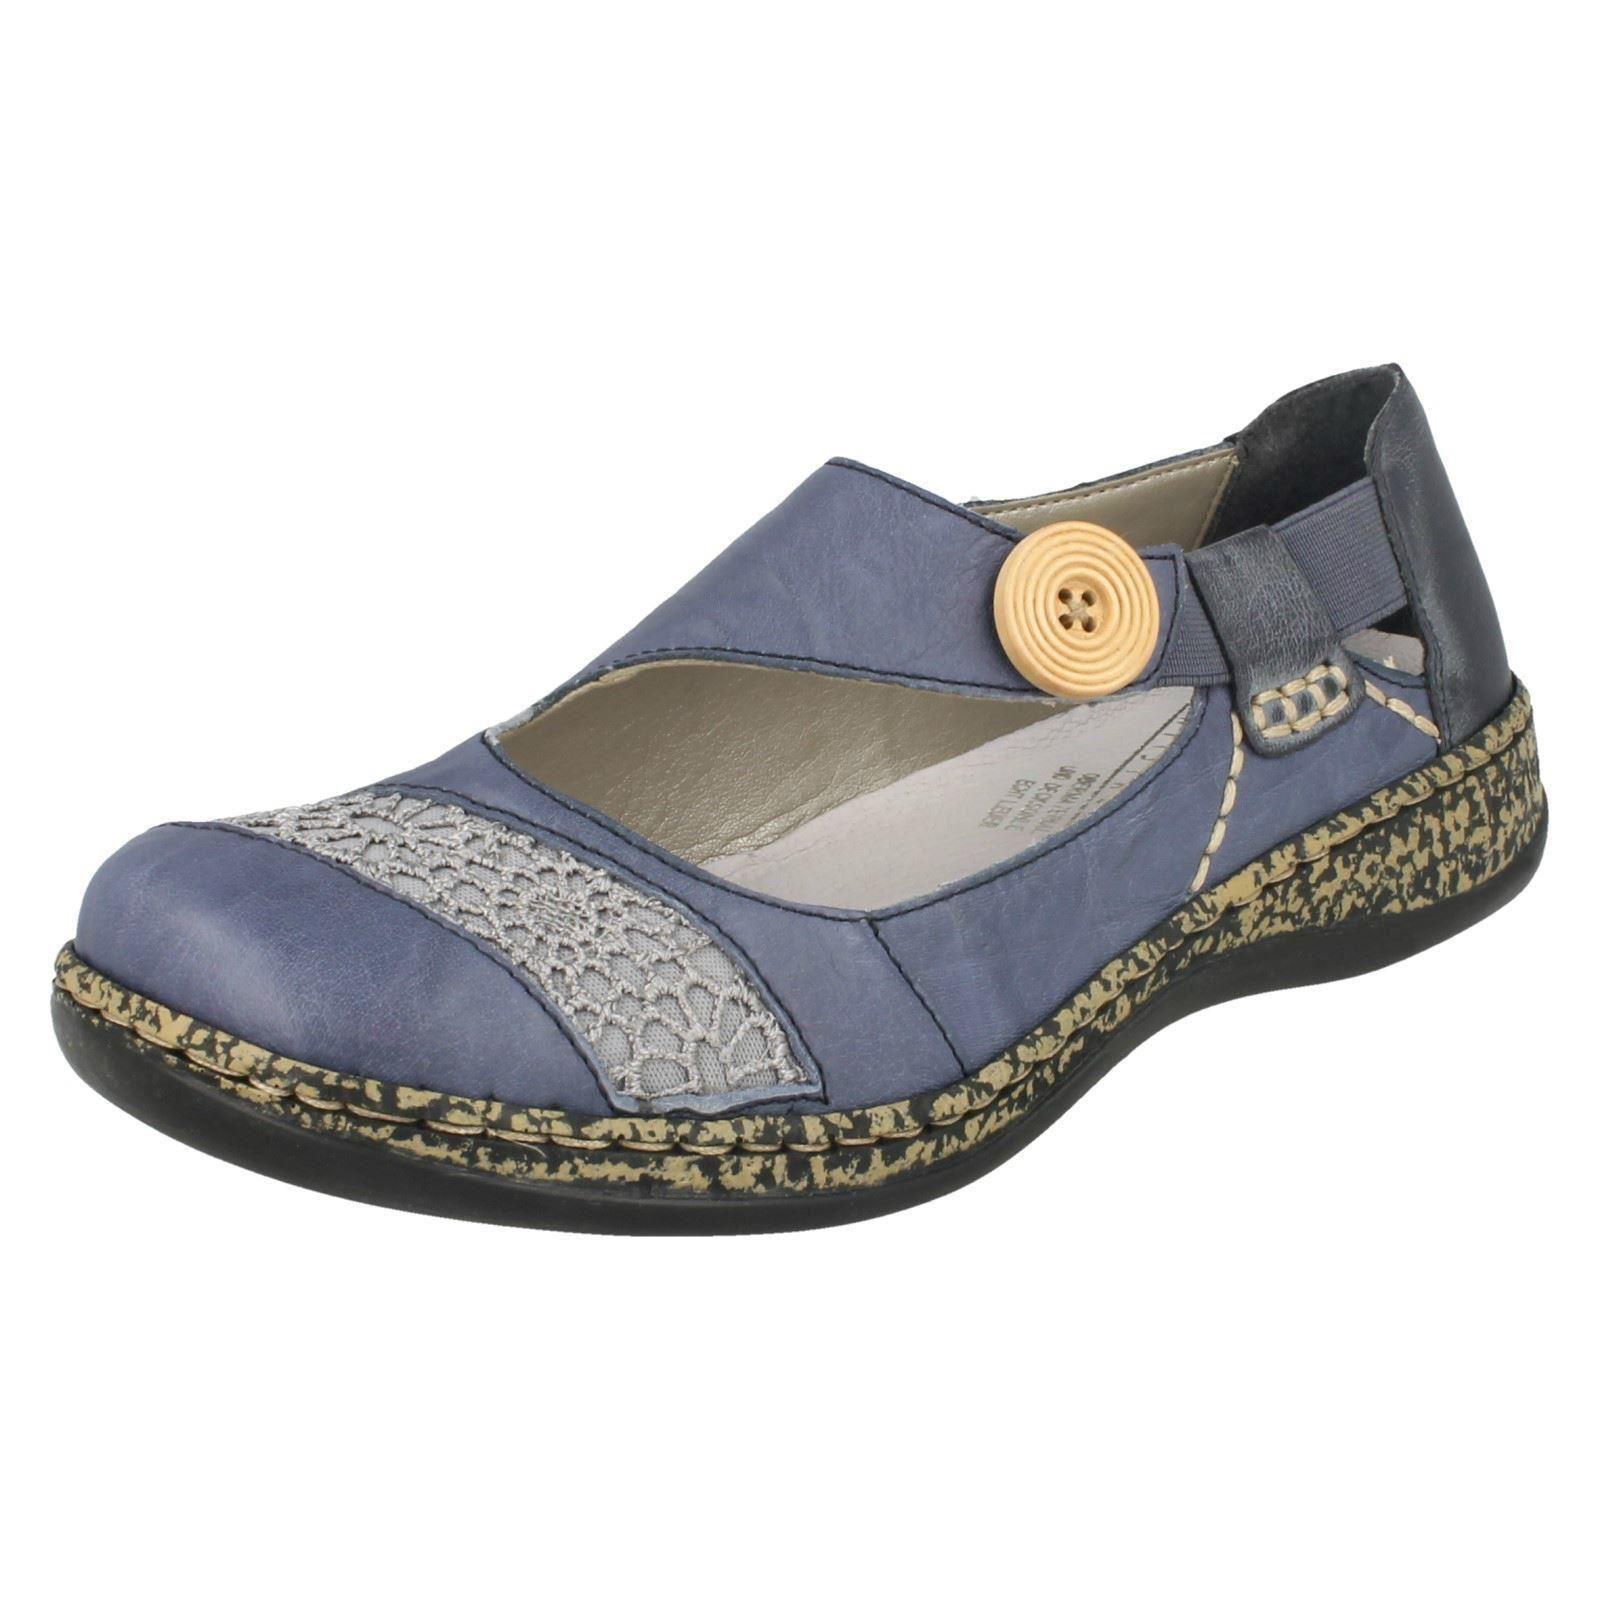 Femmes Rieker 46324 Casual Bleu À Enfiler Chaussures en cuir